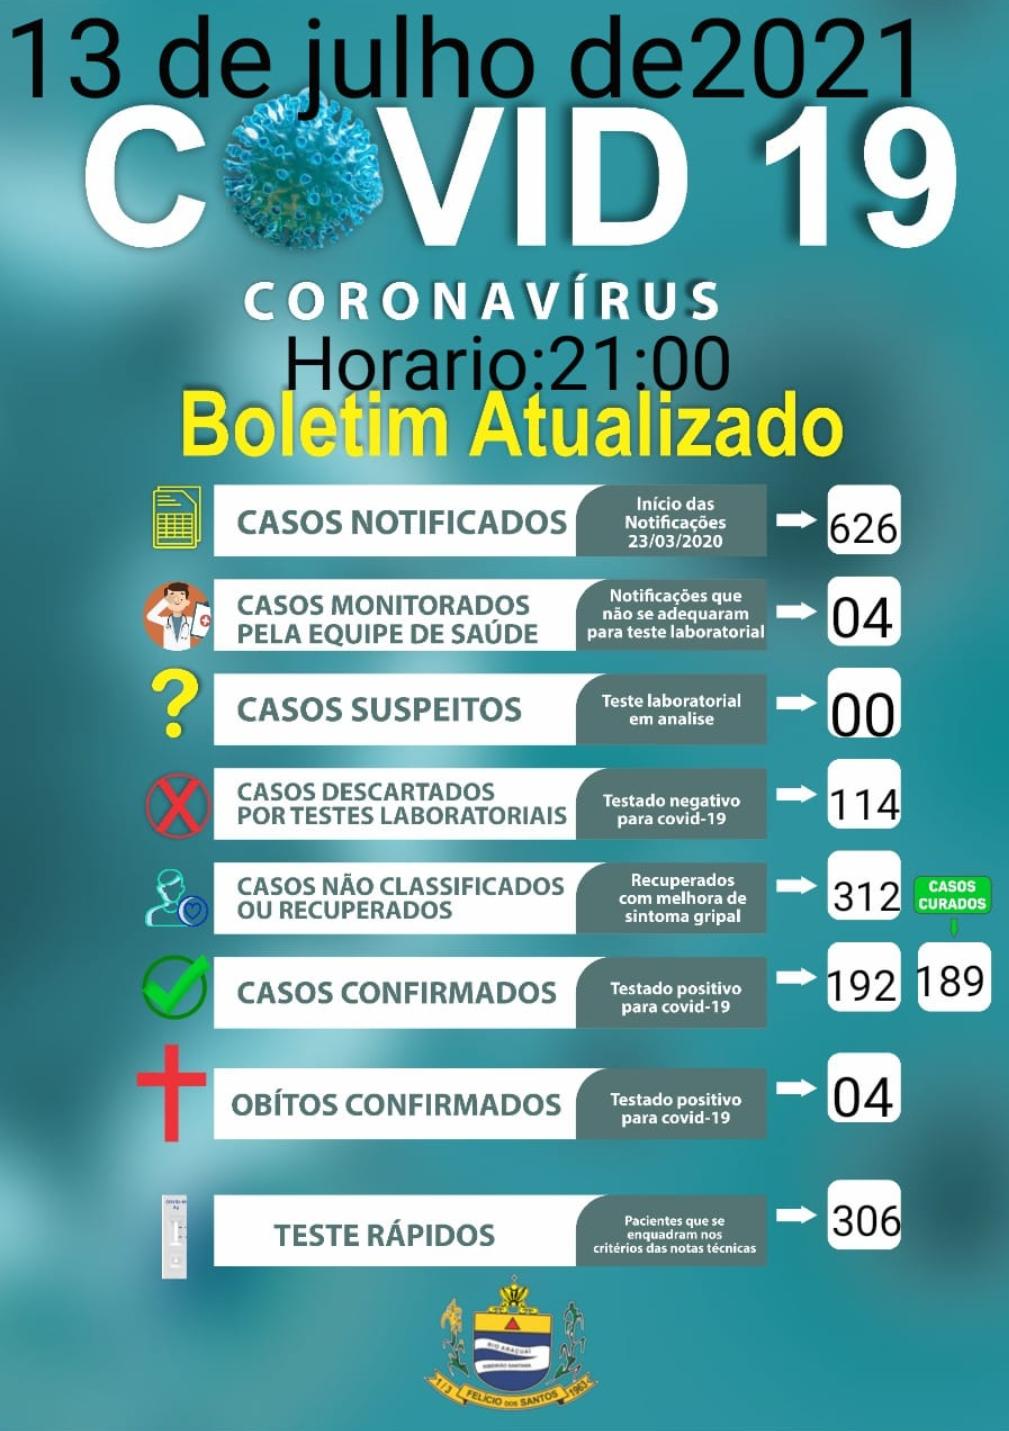 Boletim covid-19,13 de julho de 2021